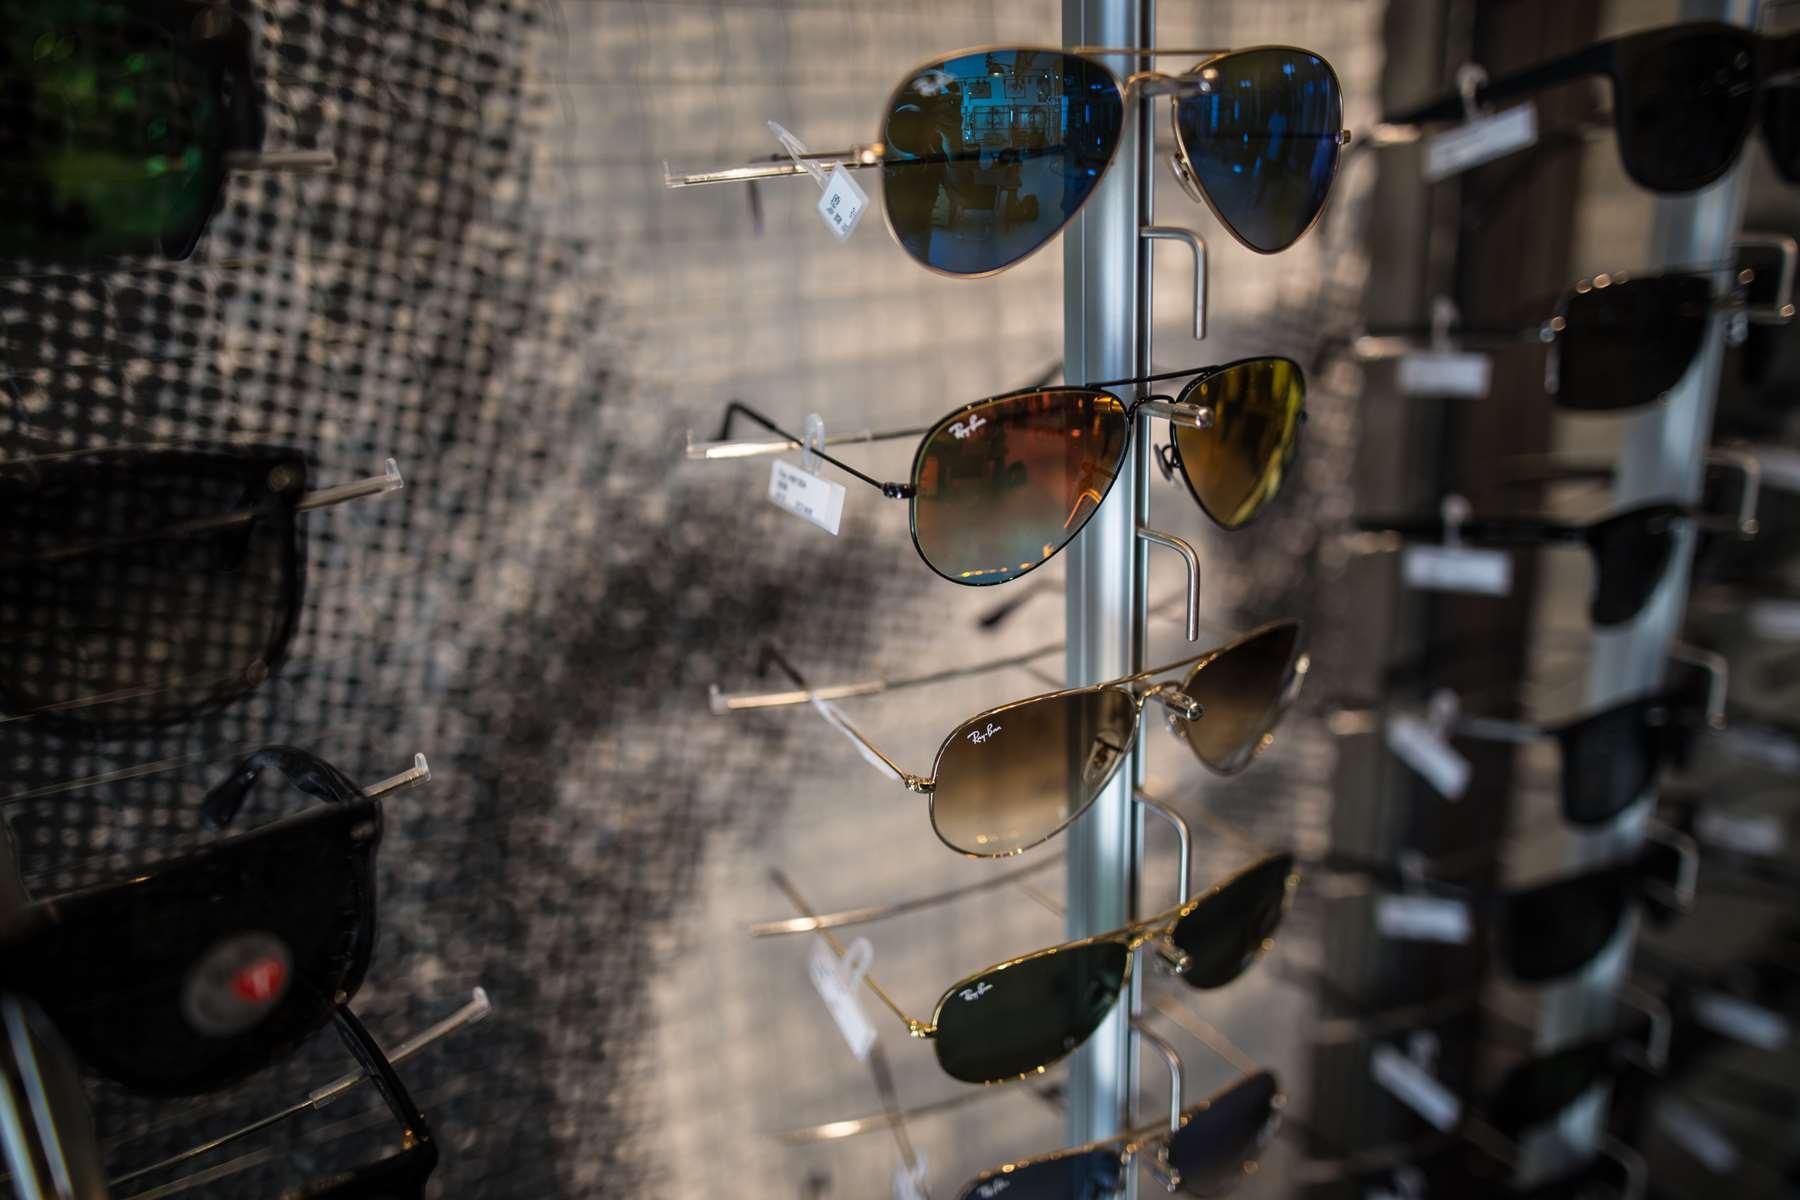 renouvelez vos lentilles  u00e0 marseille chez l u0026 39 atelier de l u0026 39 opticien